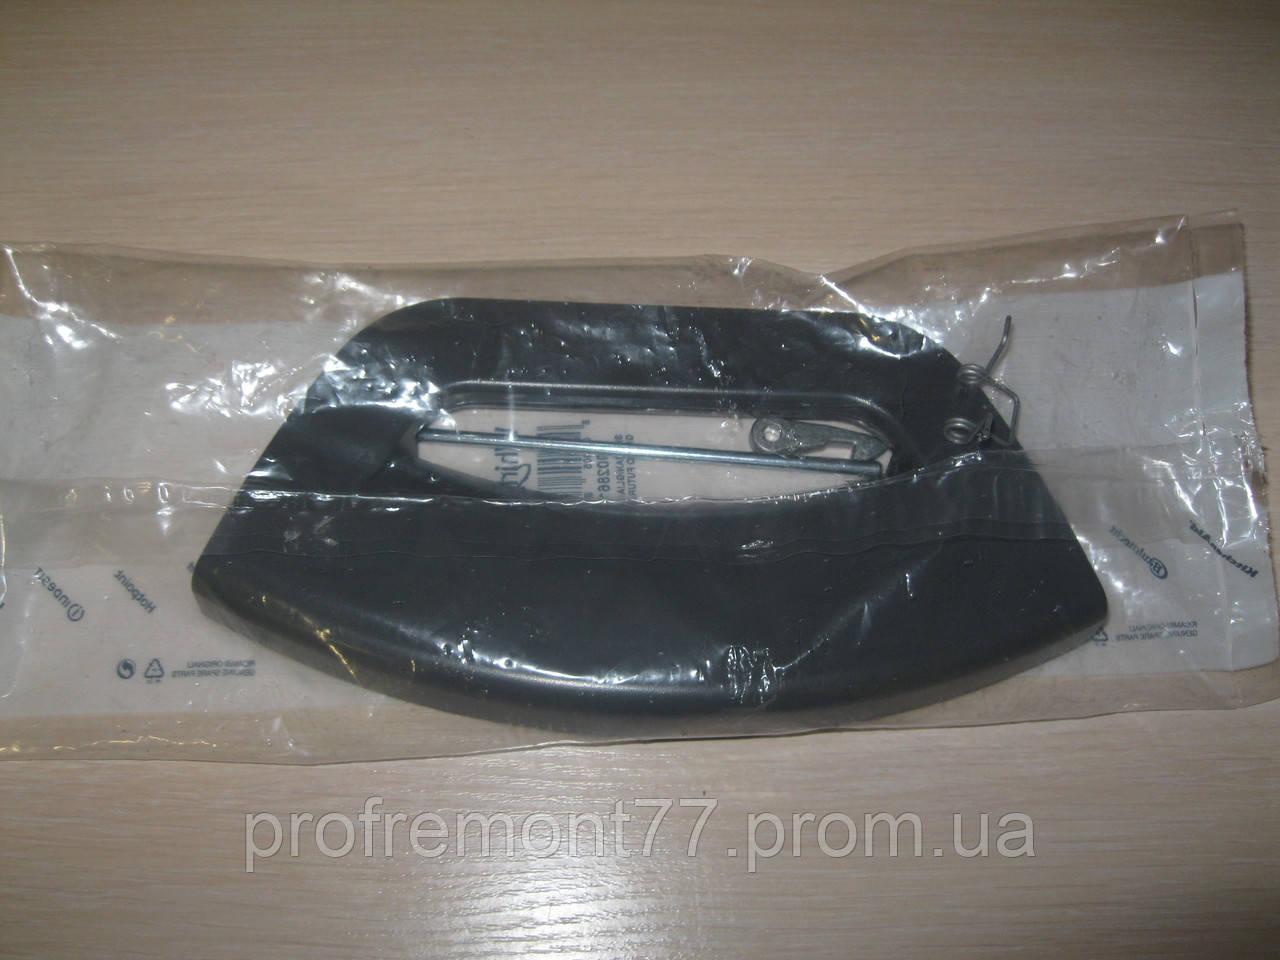 Ручка дверки (люка) Indesit Ariston C00286151 orig. для стиральной машины